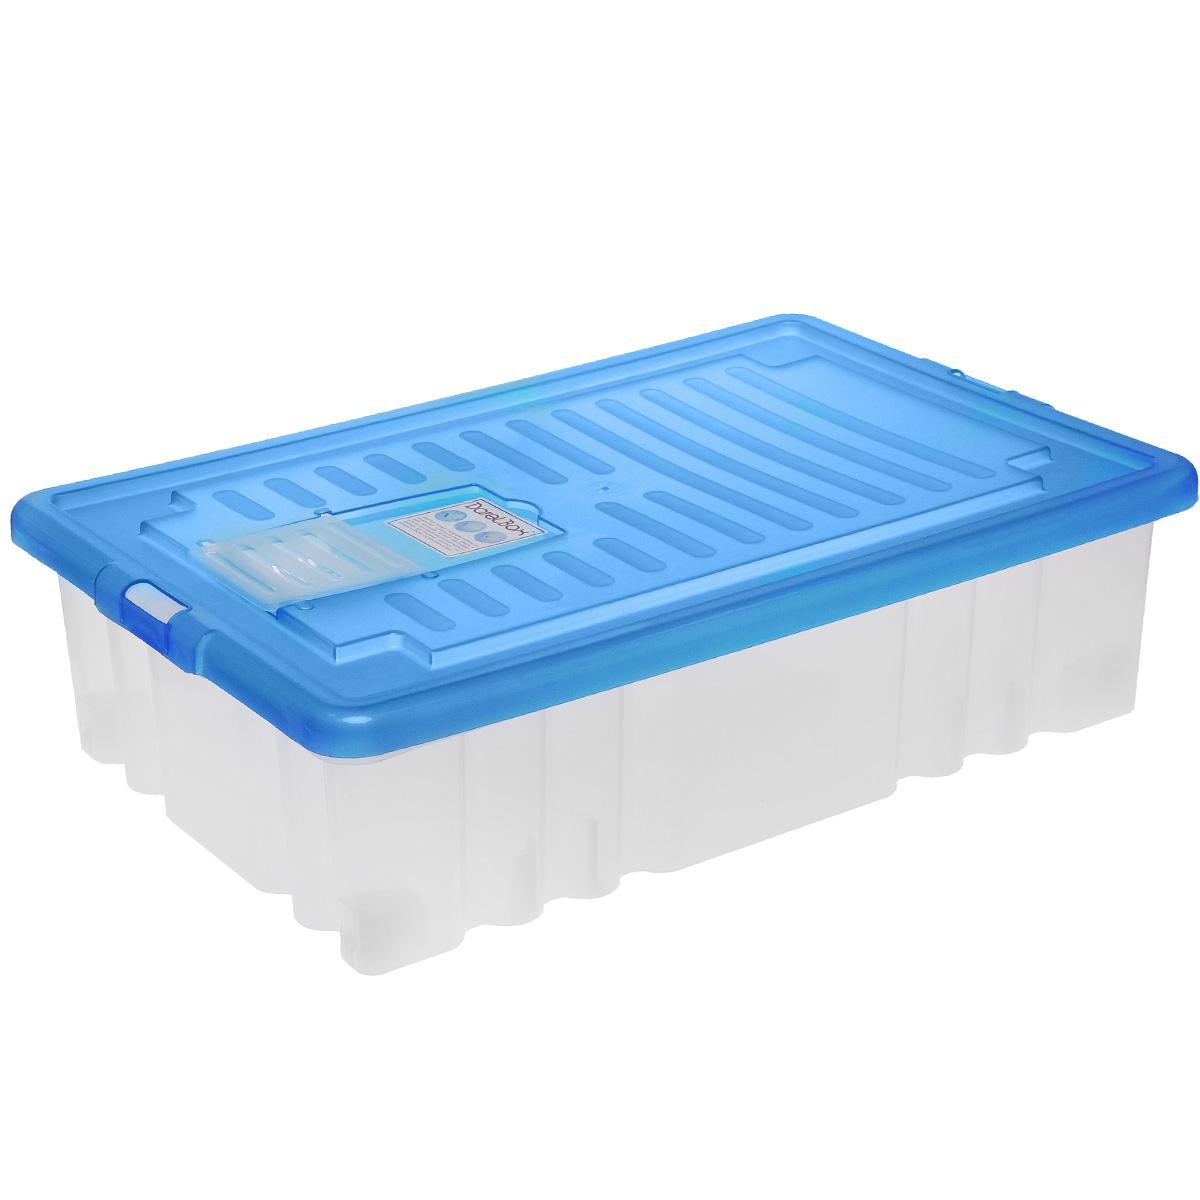 Ящик Darel Box, с крышкой, цвет: синий, прозрачный, 36 л бокс для хранения вещей kiss the plastic industry